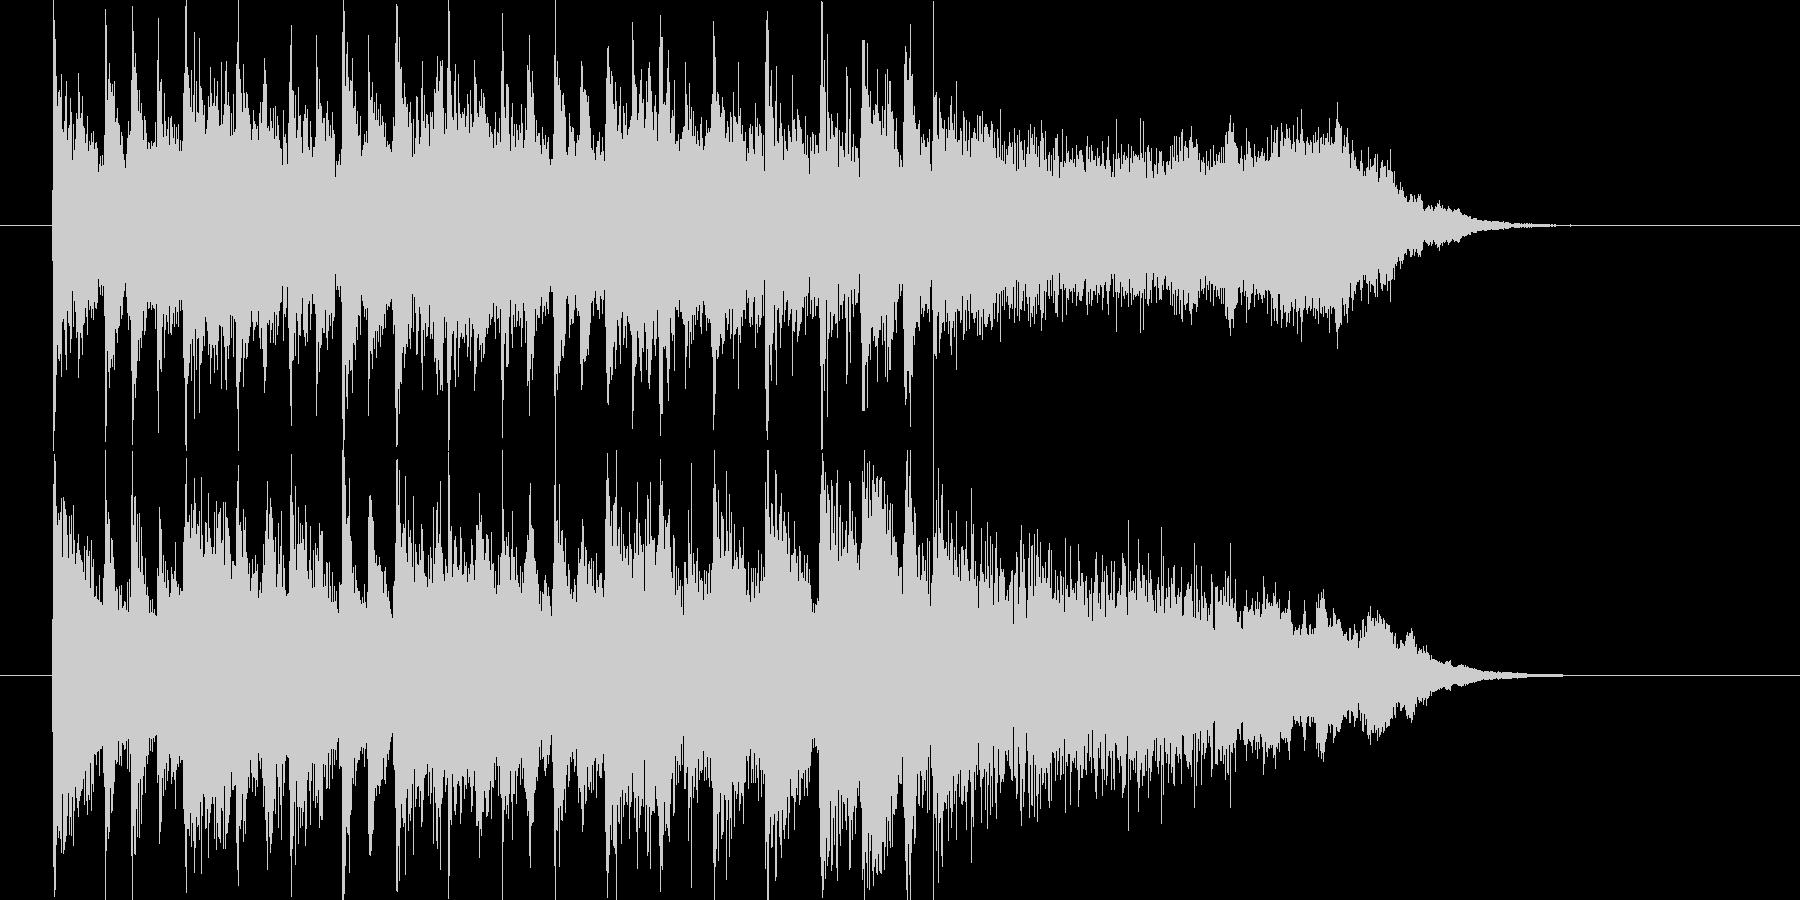 清々しくトランペットが印象的なBGMの未再生の波形